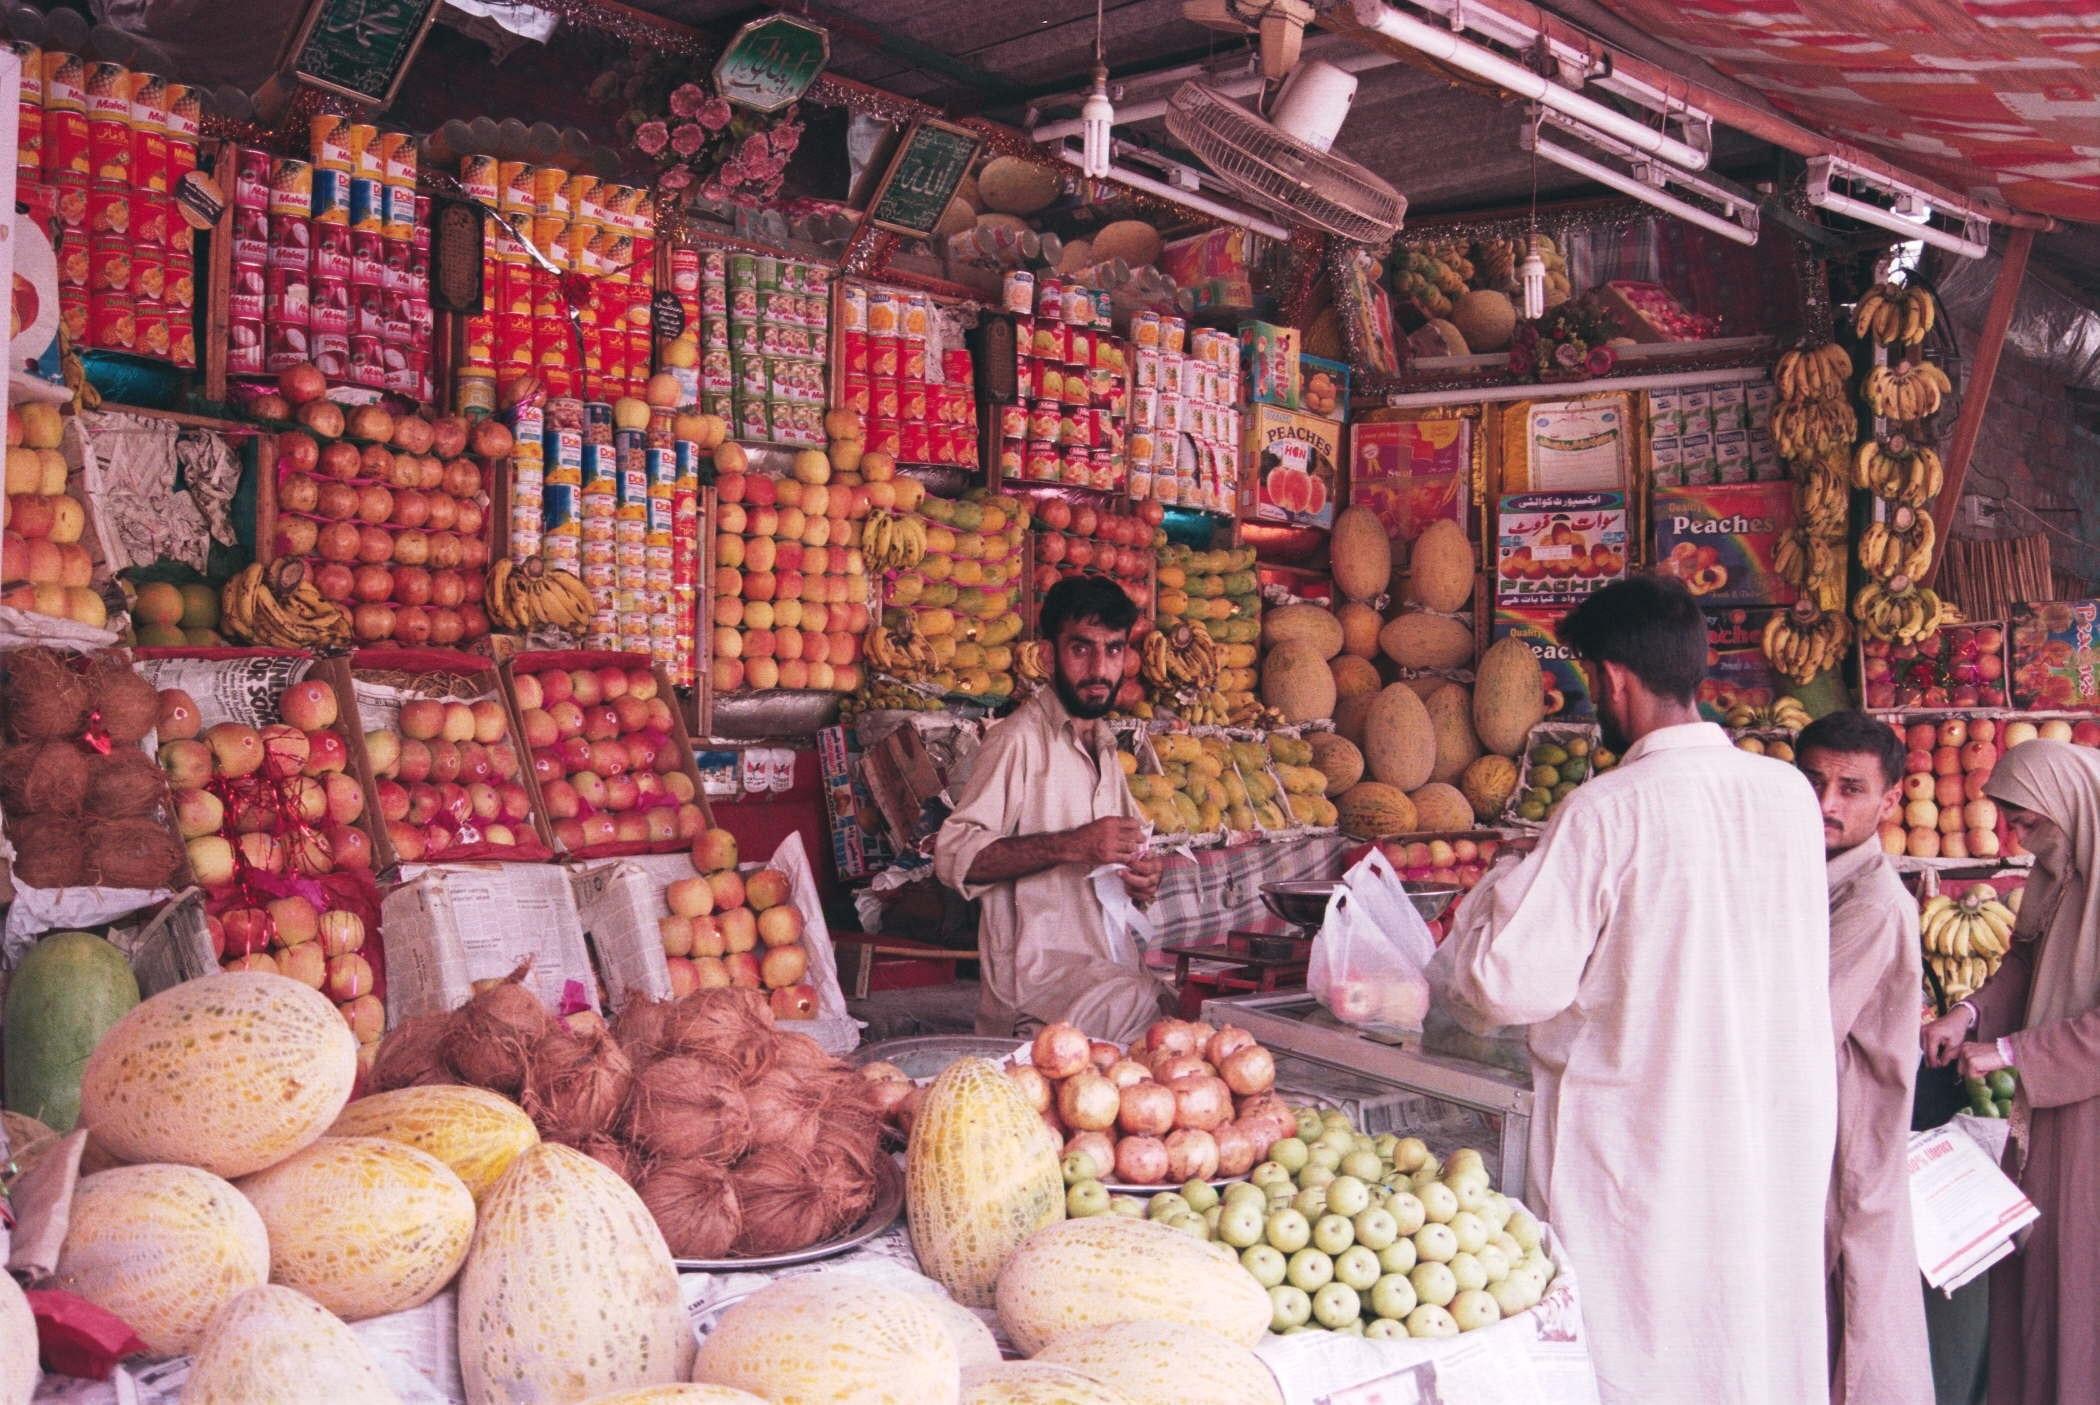 Rawalpindi, Punjab, Pakistan